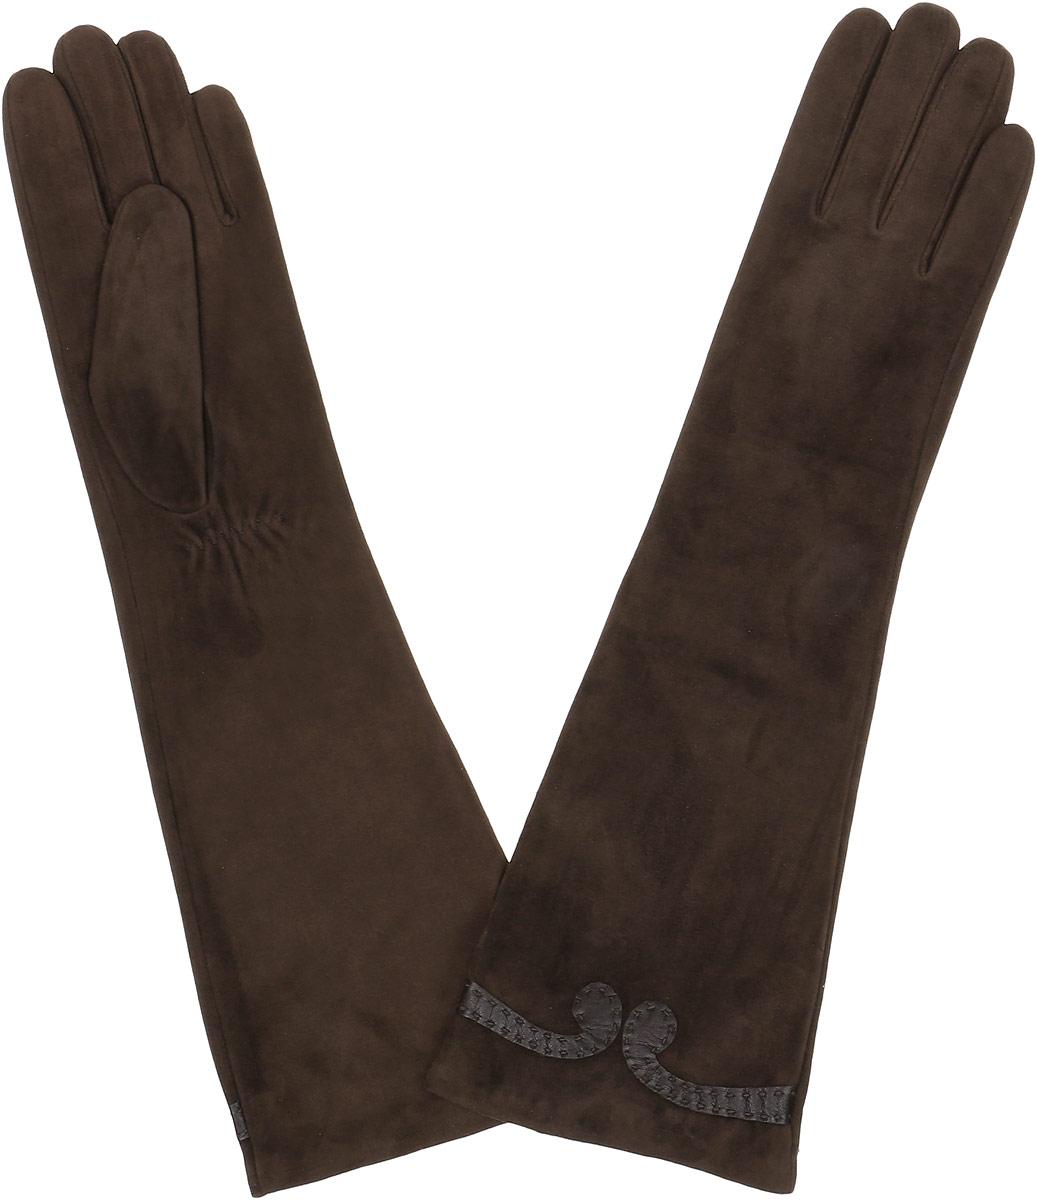 Перчатки женские Fabretti, цвет: шоколадный. 2.84-2. Размер 6,52.84-2 chocolateЭлегантные удлиненные женские перчатки Fabretti станут великолепным дополнением вашего образа и защитят ваши руки от холода и ветра во время прогулок. Перчатки выполнены из натуральной кожи ягненка. Модель декорирована небольшим узором из кожи. Такие перчатки будут оригинальным завершающим штрихом в создании современного модного образа, они подчеркнут ваш изысканный вкус и станут незаменимым и практичным аксессуаром.